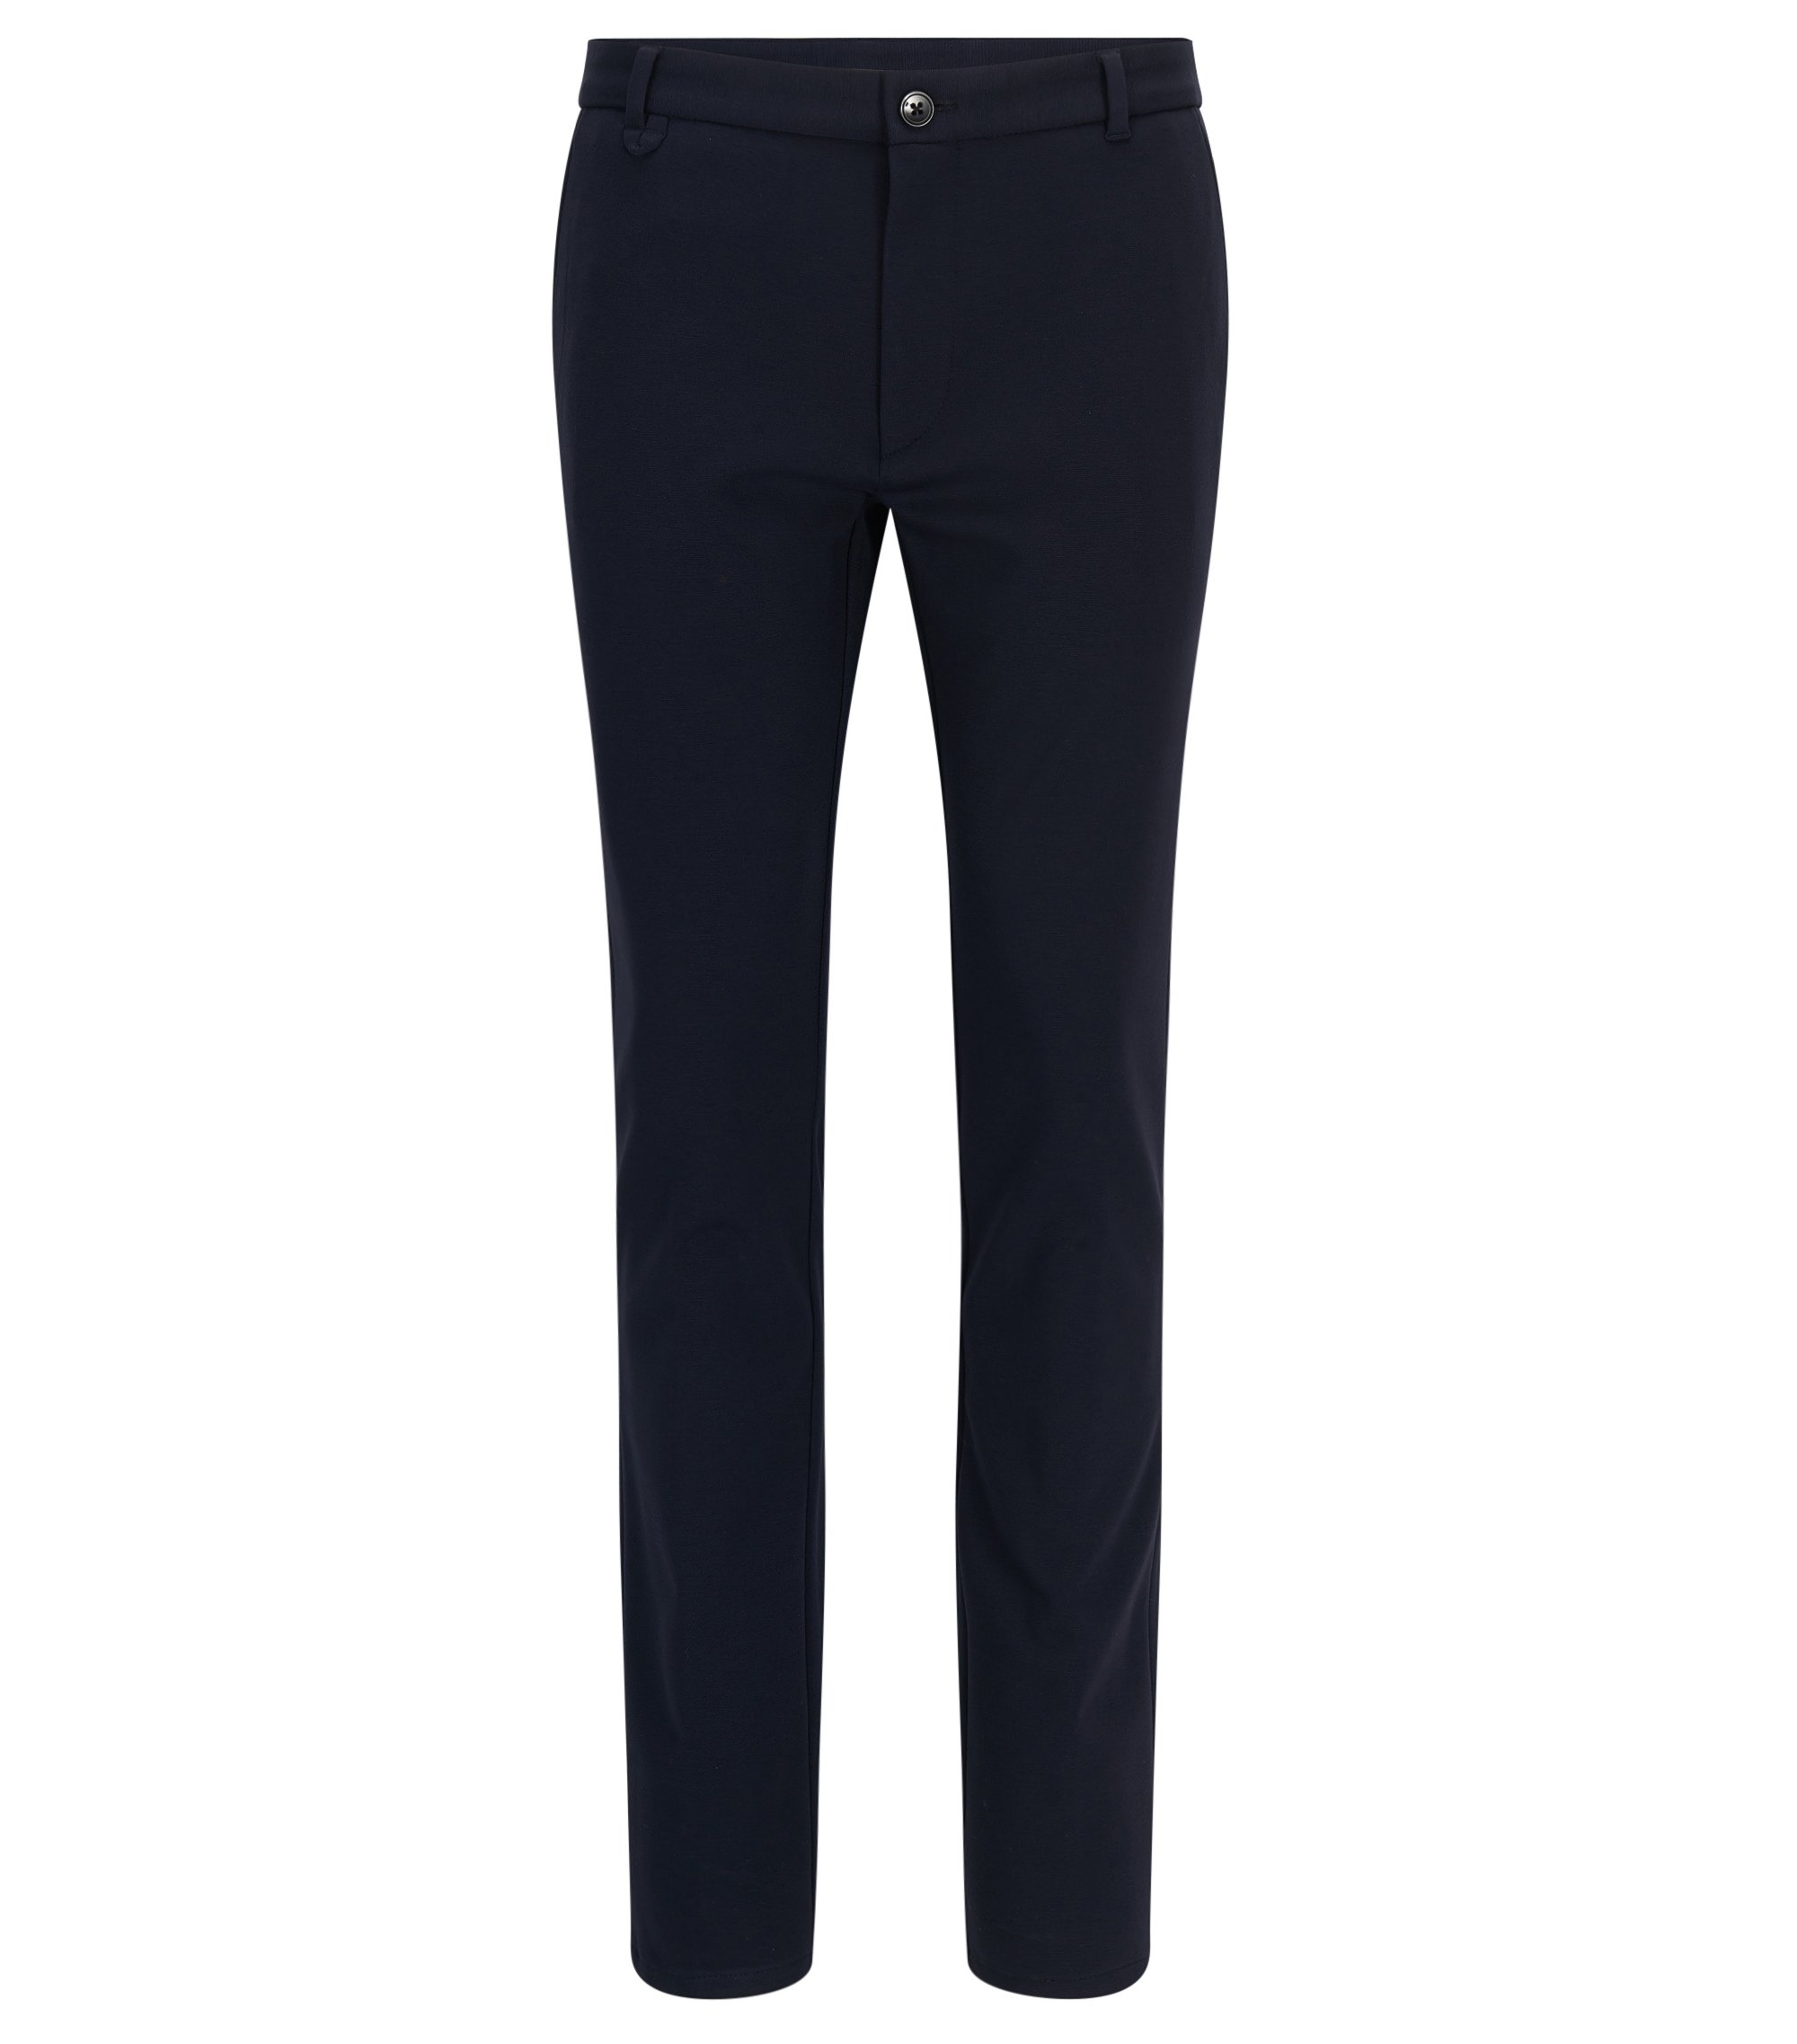 Pantalon Extra Slim Fit en tissu technique mélangé stretch, Bleu foncé